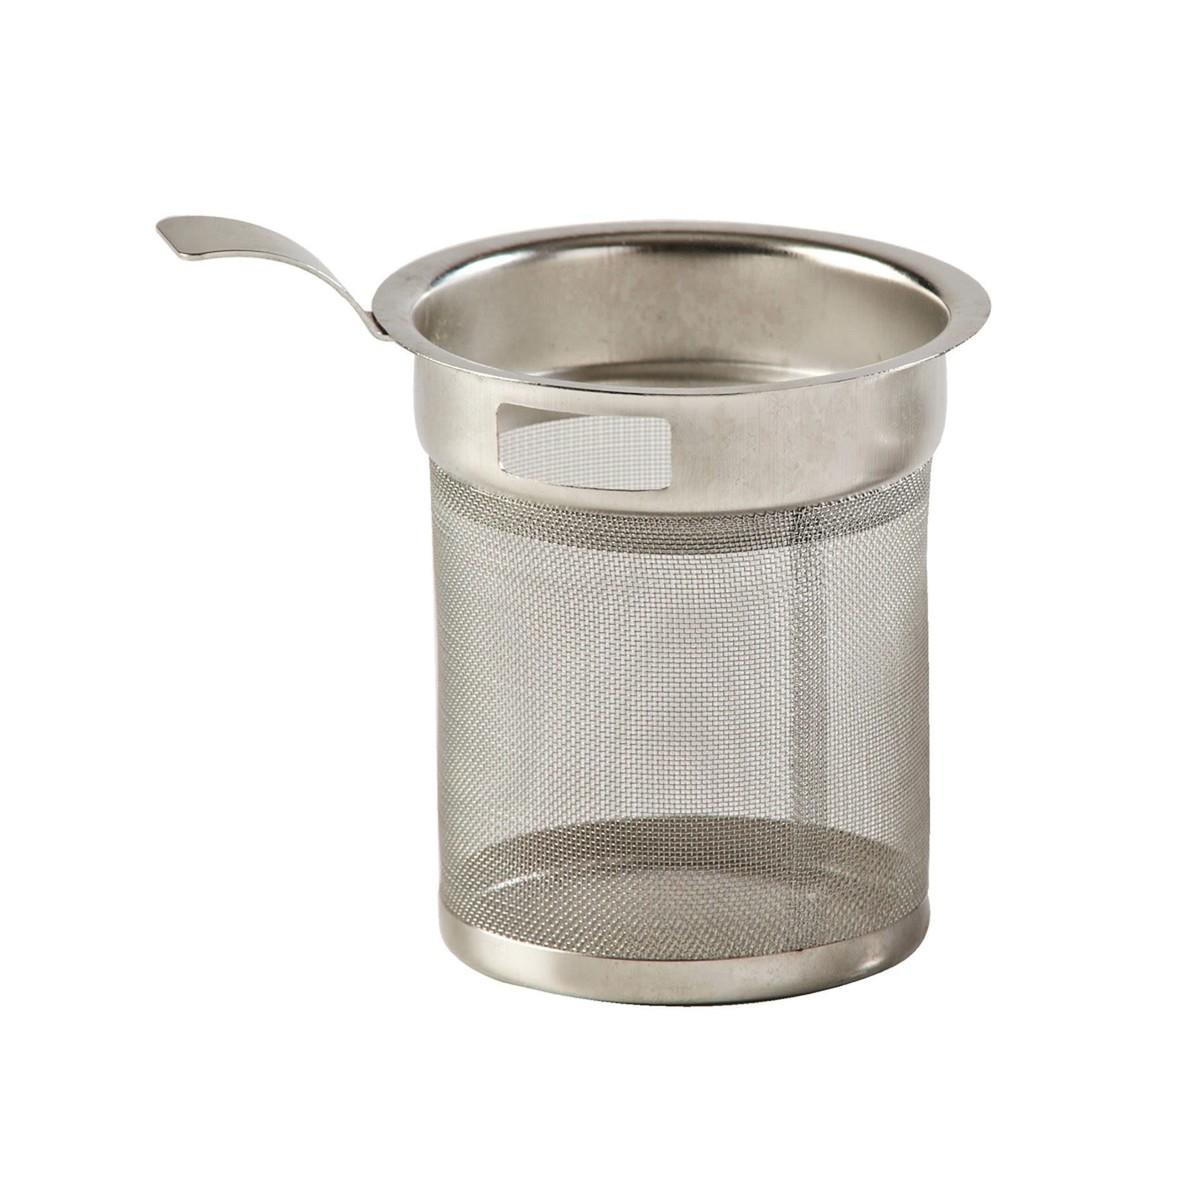 Tea Infuser, 6-Cup